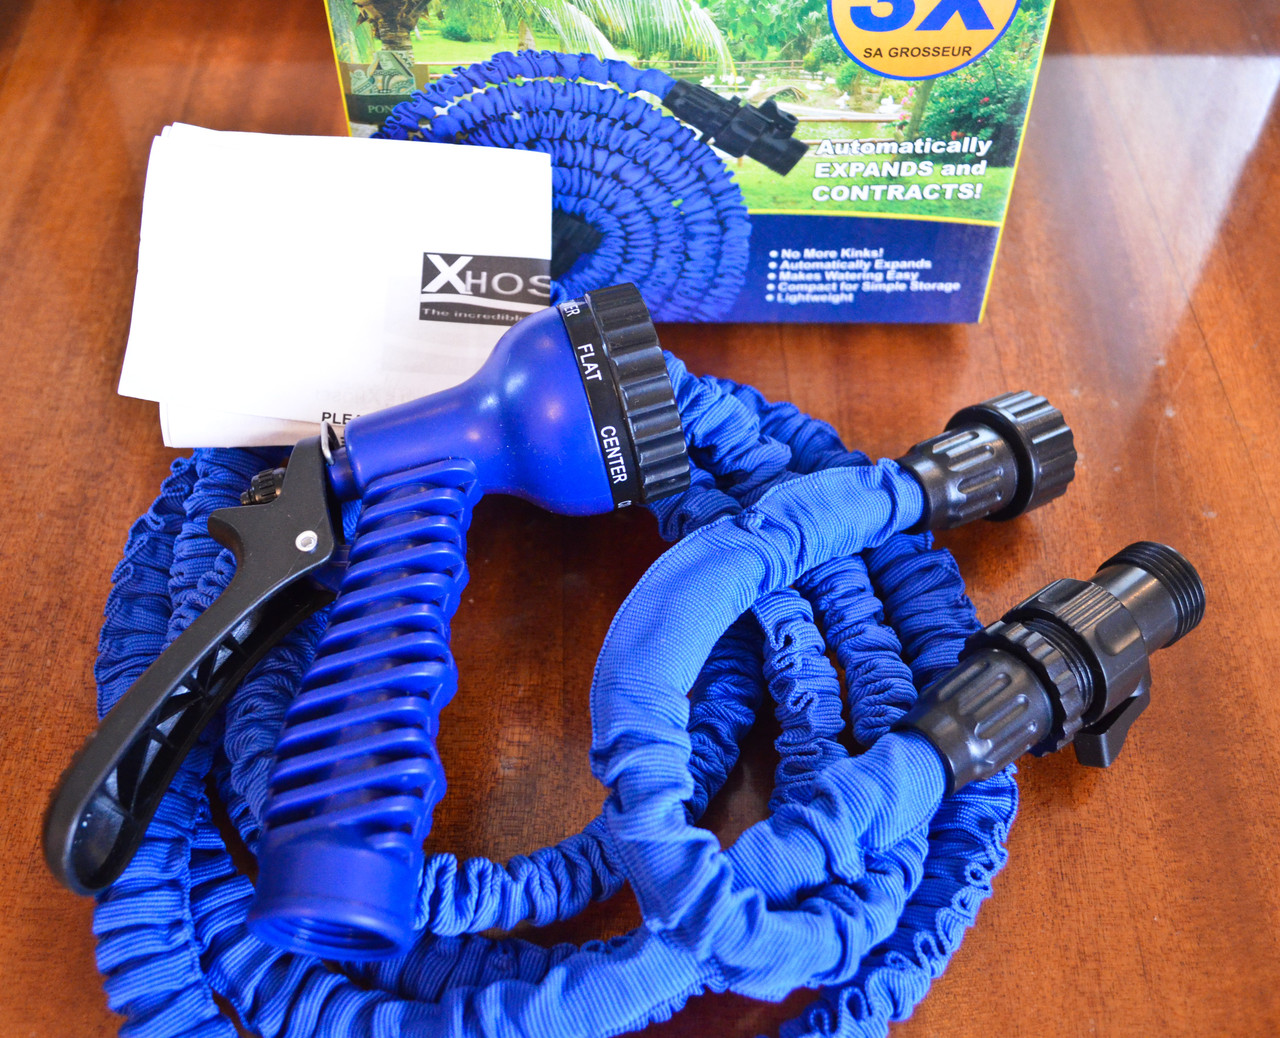 Длина 37,5 метров, шланг с насадками для полива X-hose Икс-хоз садовый поливочный шланг.